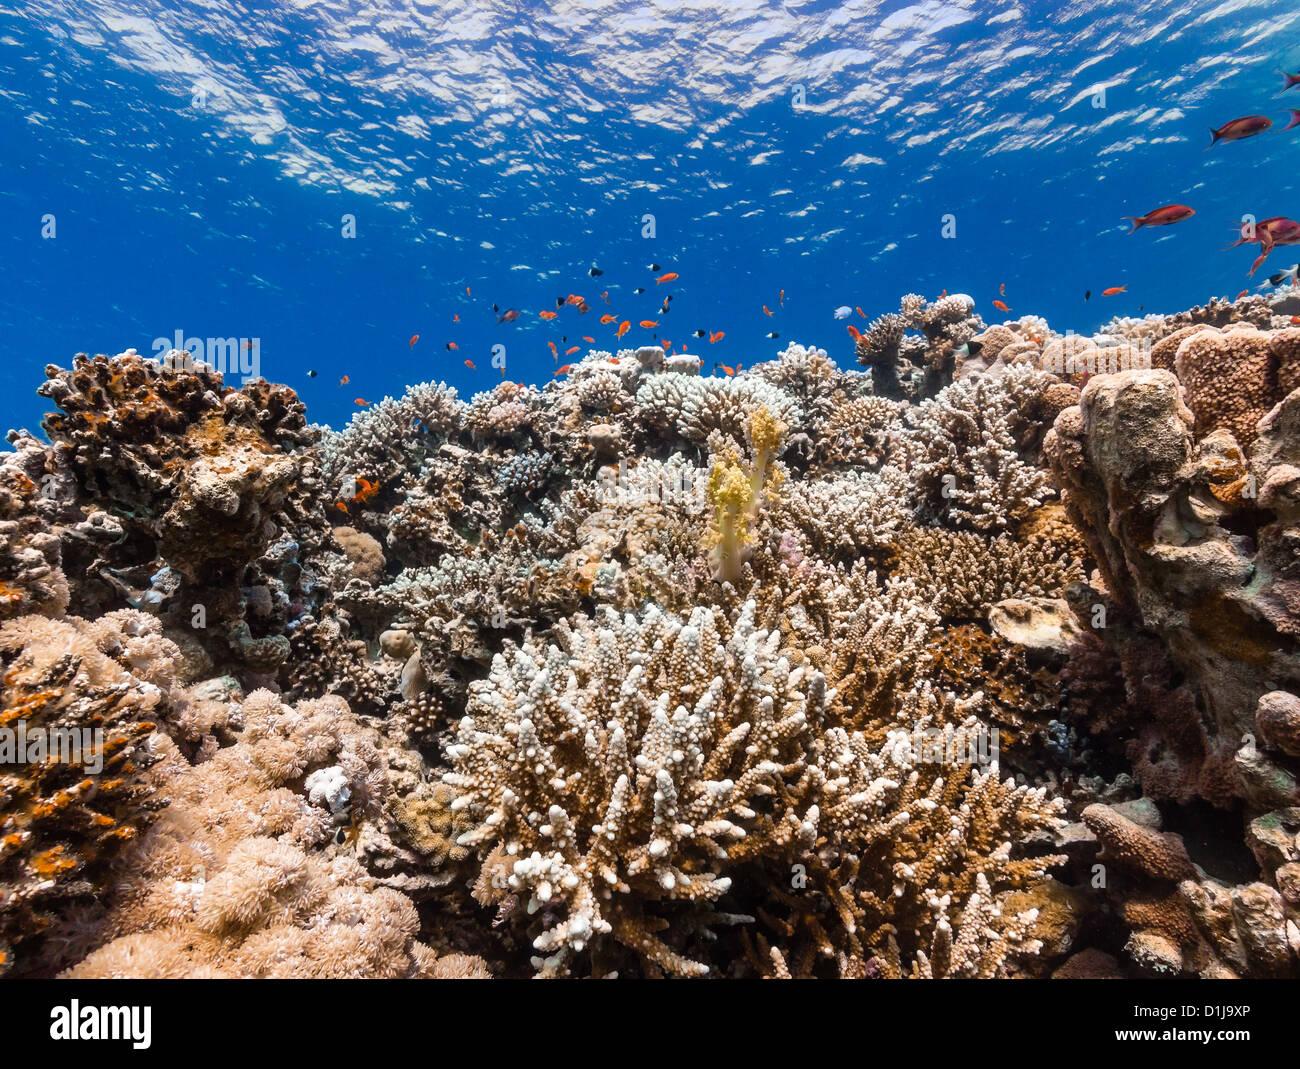 Coralli duri e pesci tropicali su una scogliera di corallo Immagini Stock